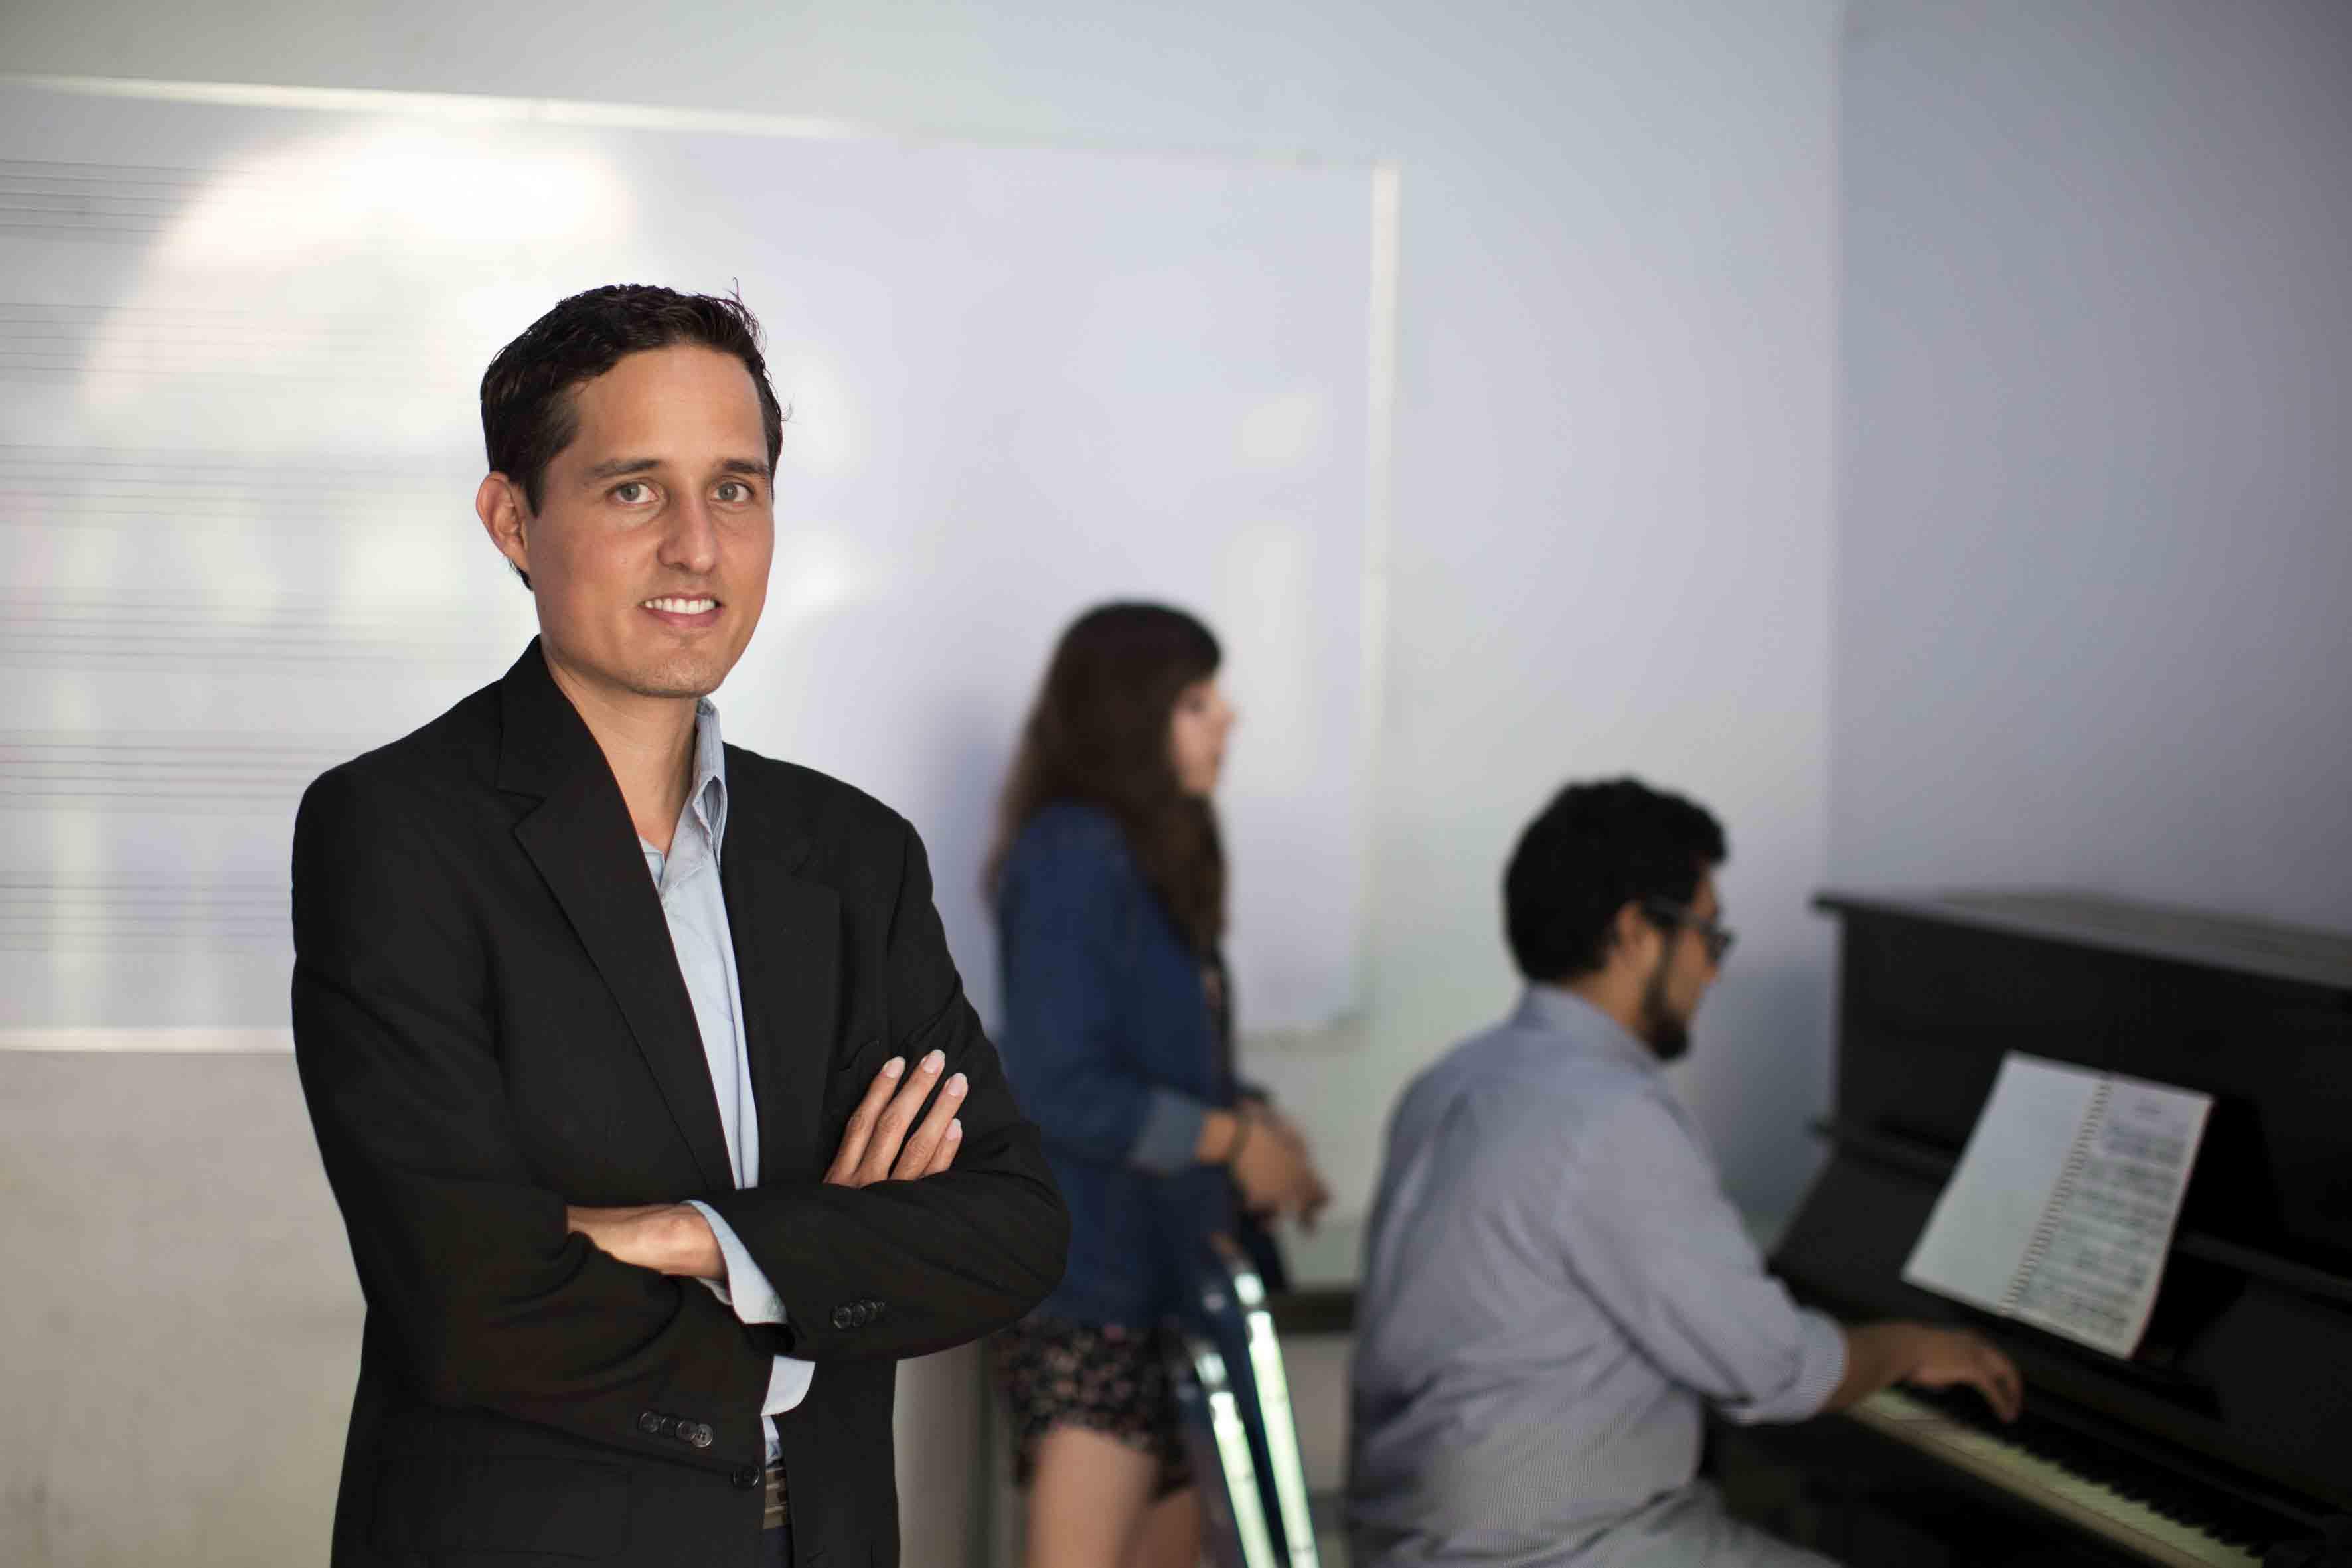 Rodrigo Martínez Gutiérrez, egresado de la maestría en Gestión y Desarrollo Cultural, del Centro Universitario de Arte, Arquitectura y Diseño (CUAAD) de la Universidad de Guadalajara (UdeG),